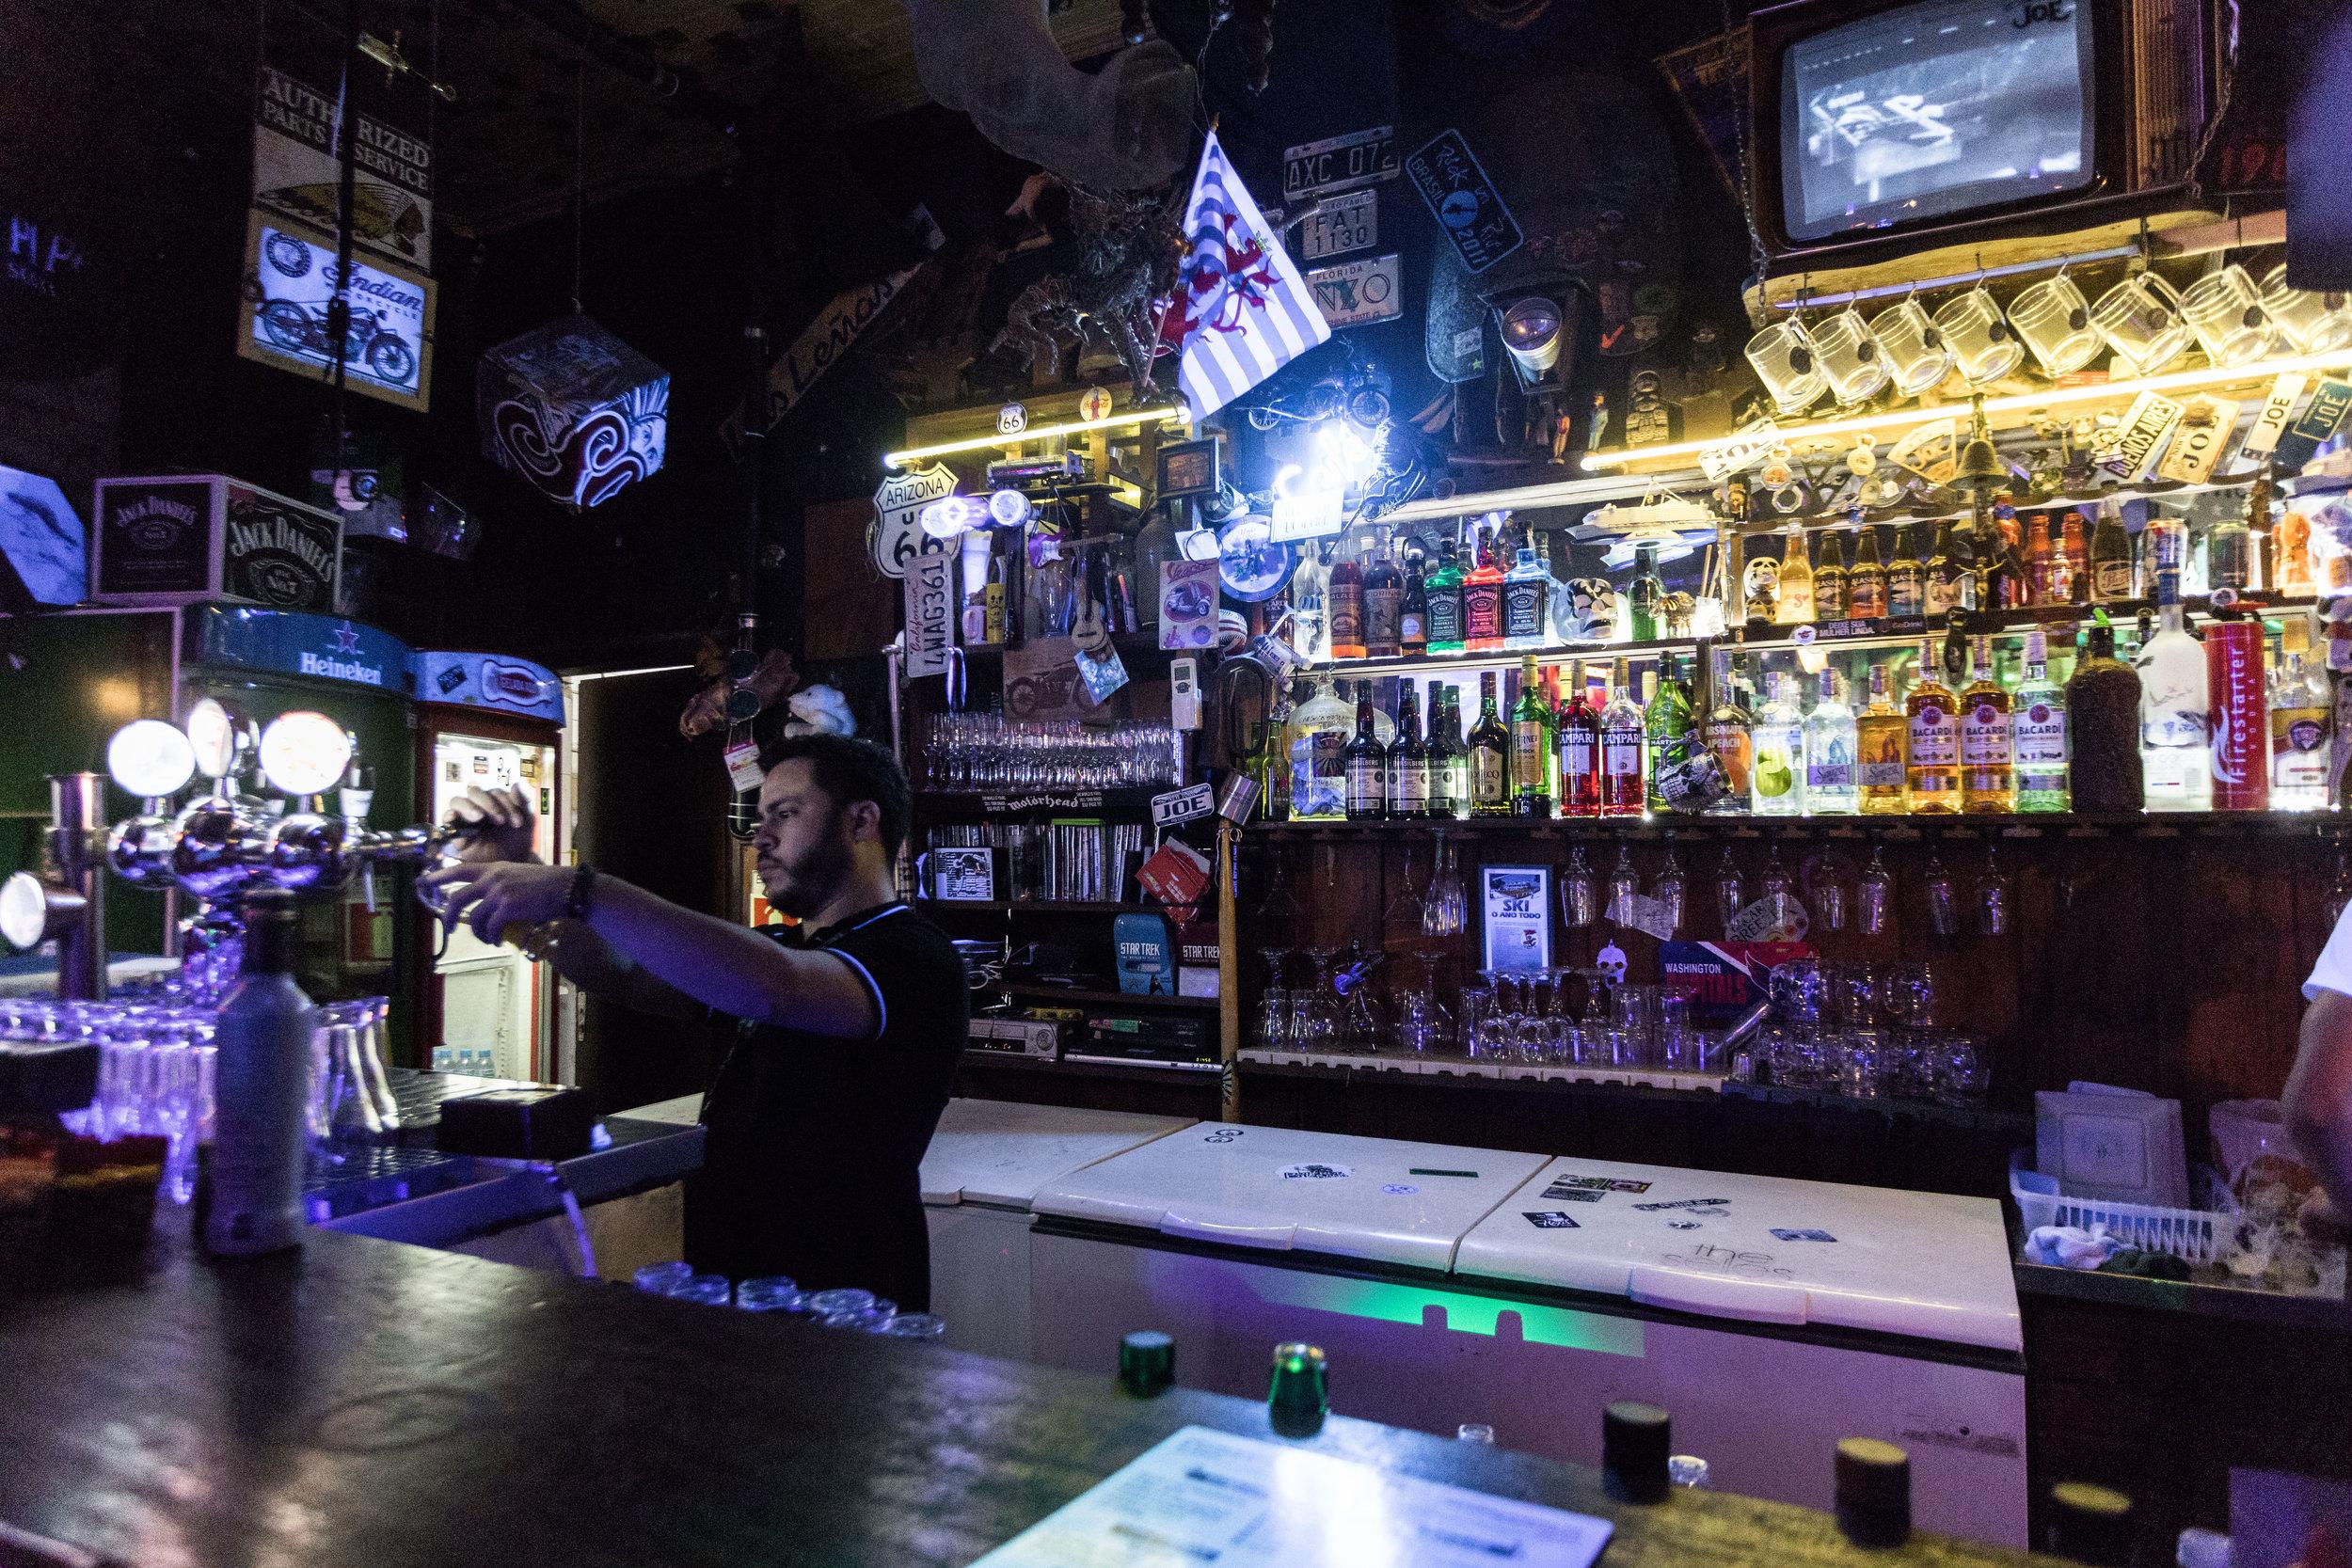 bar joe noite garibaldi serra